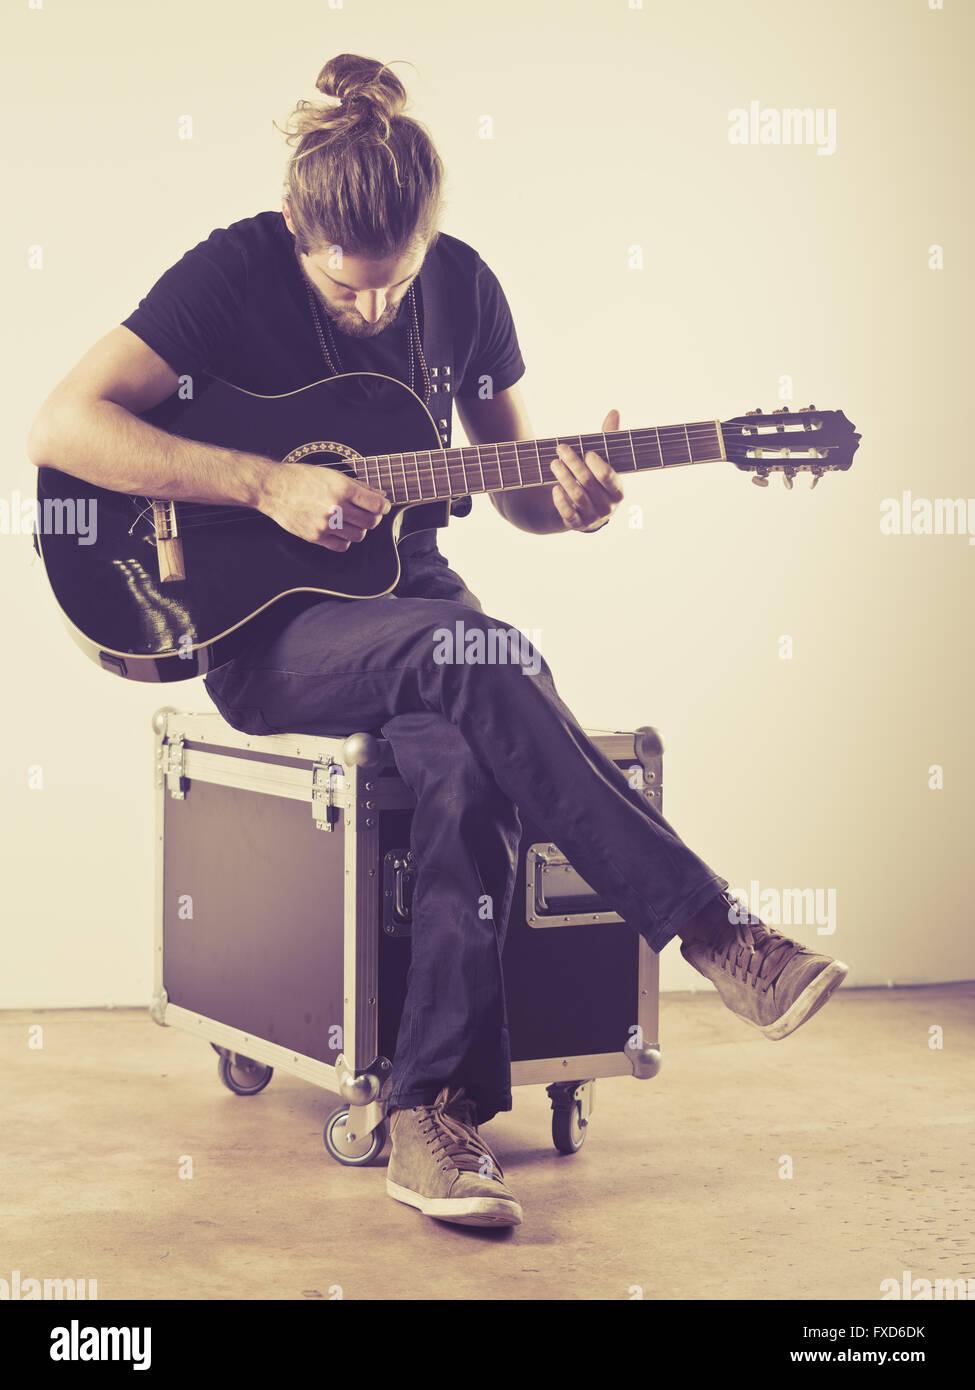 Foto di un giovane uomo attraente con i capelli lunghi e la barba seduto su un caso di volo e suonando una chitarra Immagini Stock